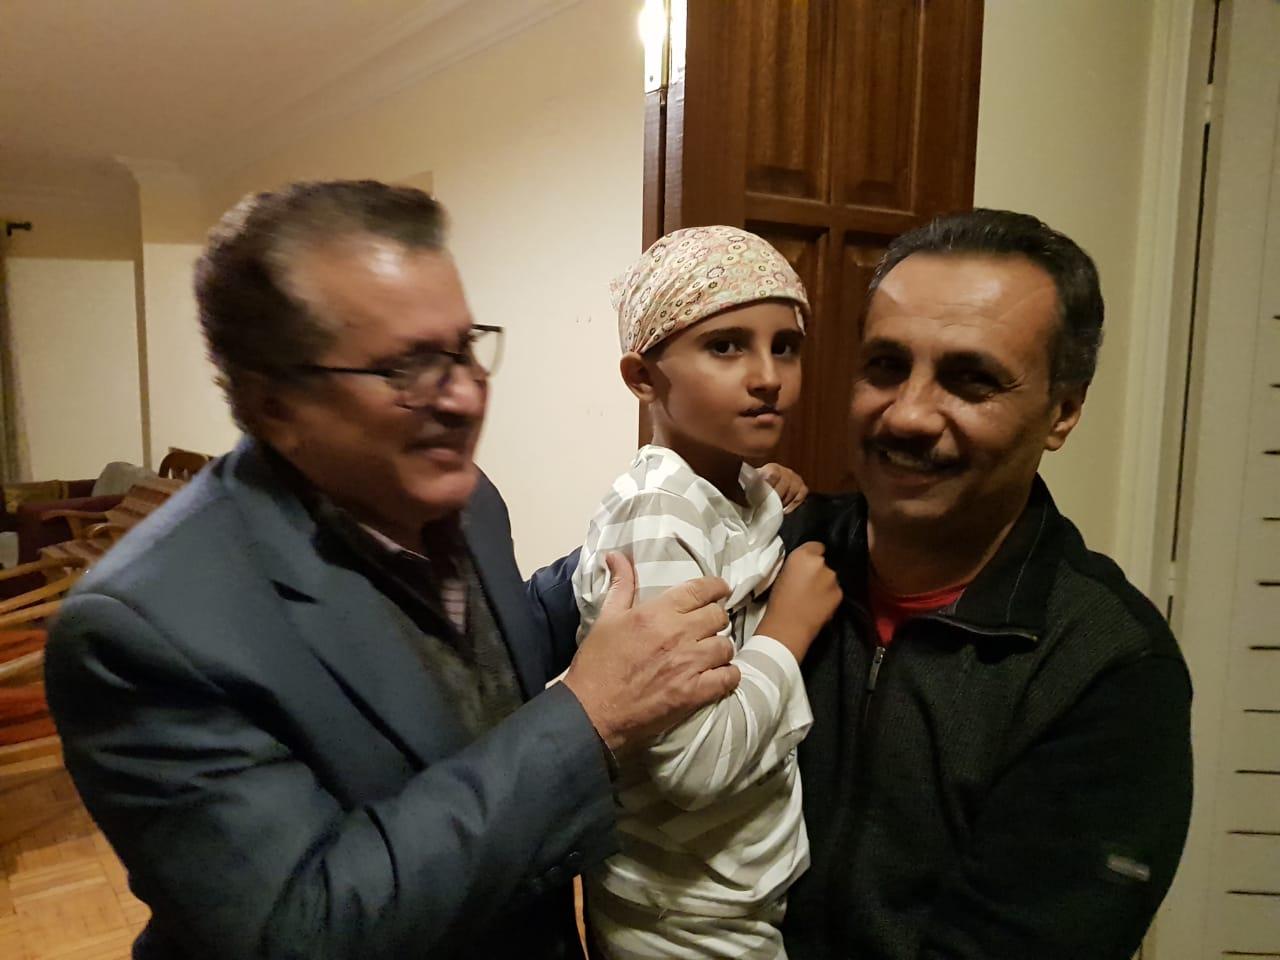 القيادي الاشتراكي علي الصراري يزور الطفلة فاطمة افندي في القاهره